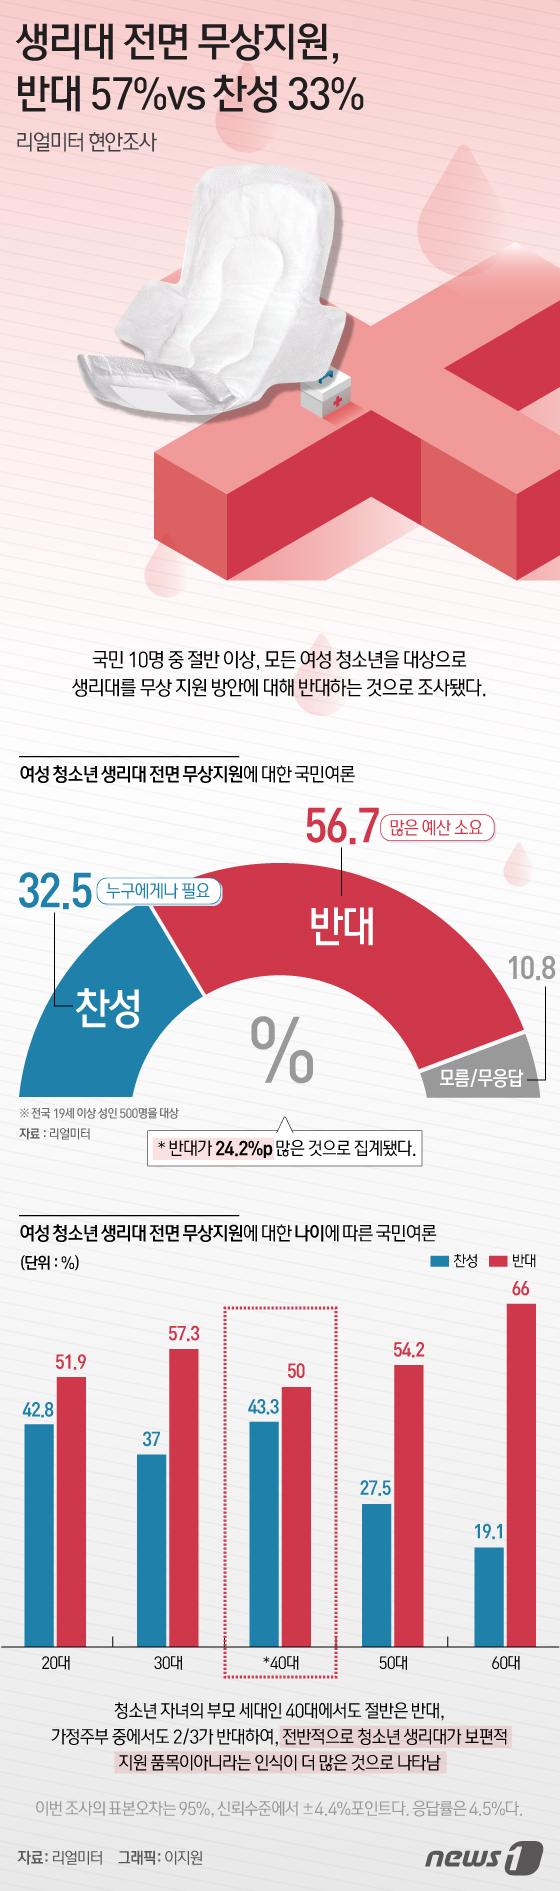 [그래픽뉴스] 생리대 전면 무상지원 반대 57% vs 찬성 33%